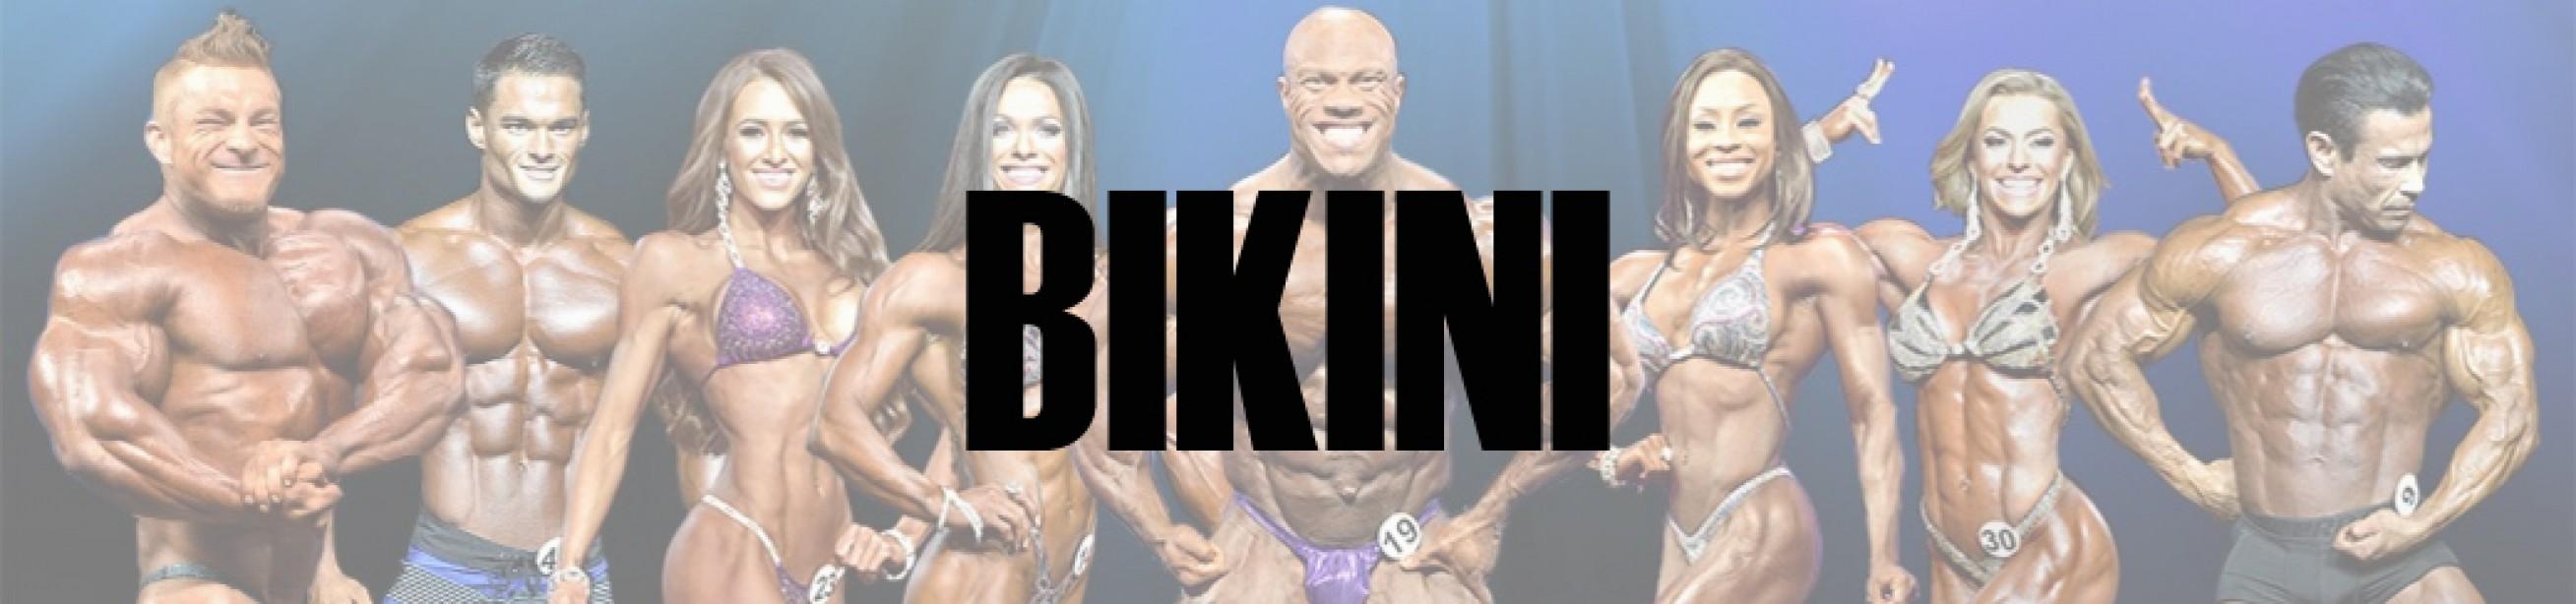 2017 Olympia Bikini Call Out Report